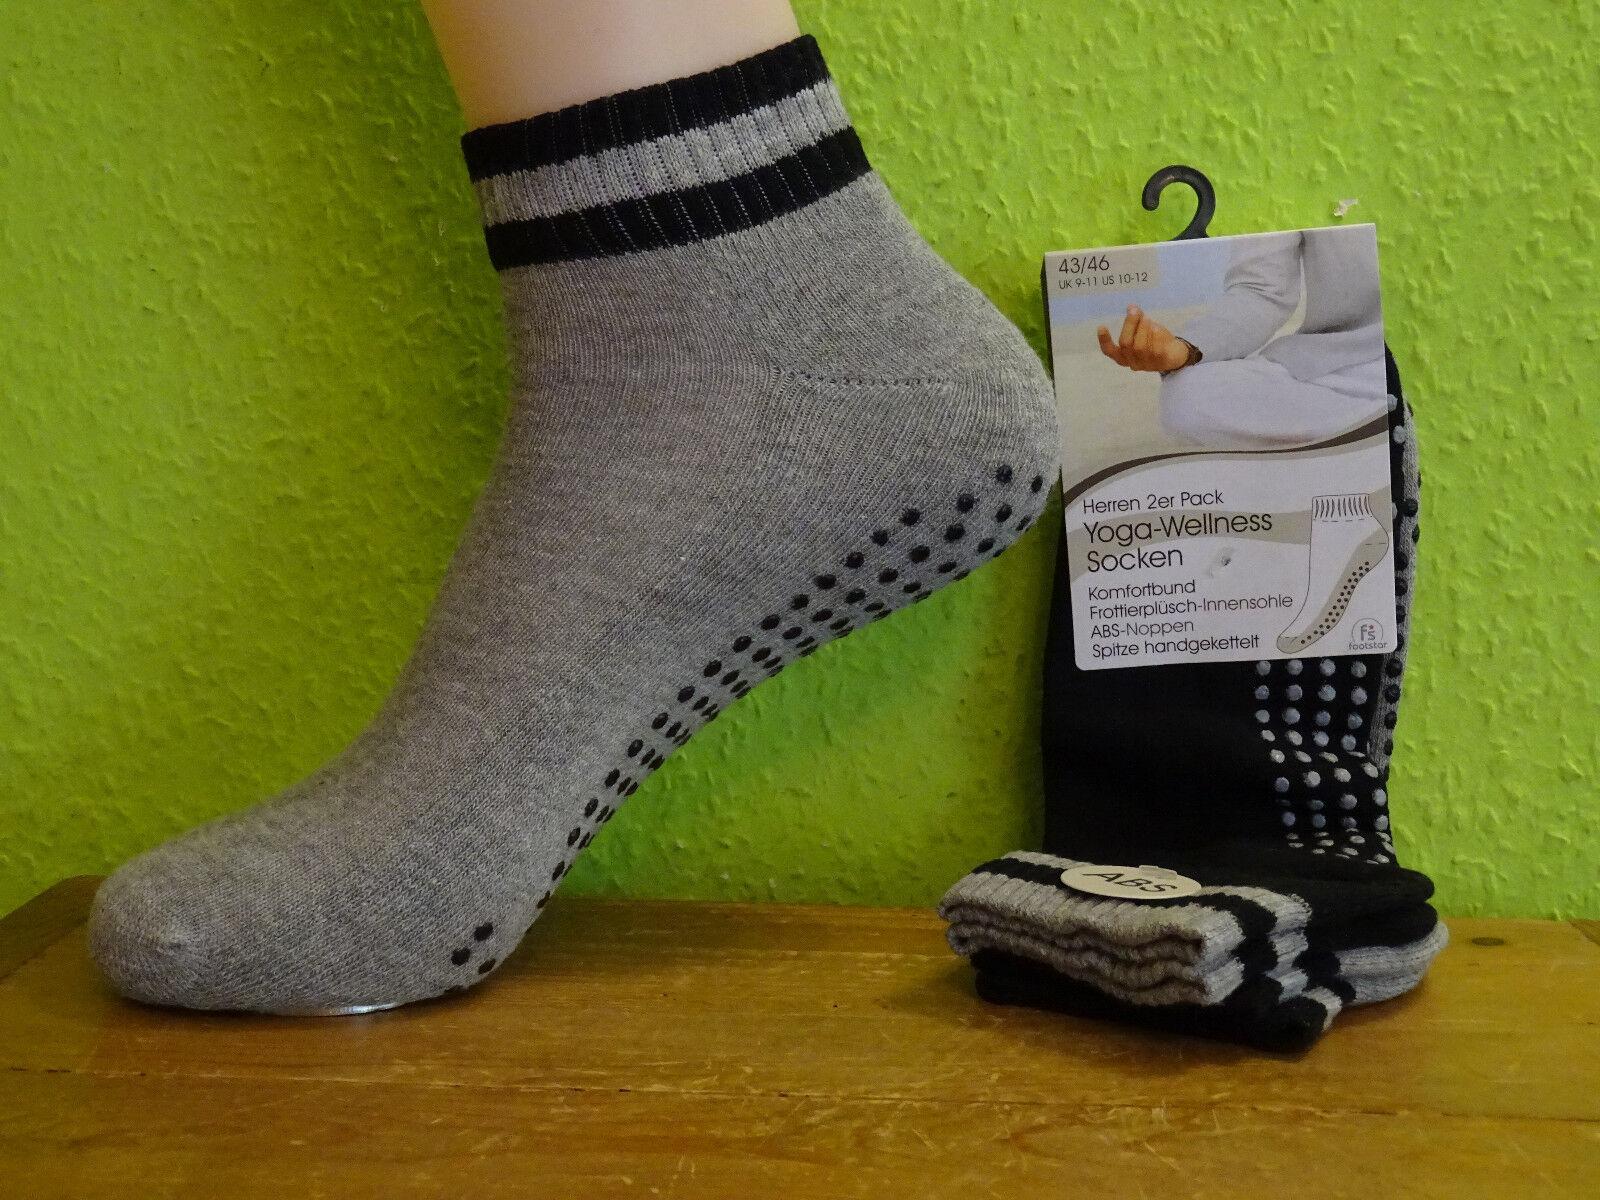 2 Paar Herren Damen ABS Wellness Frottee Sohle Socken Yoga 39 - 46 grau schwarz